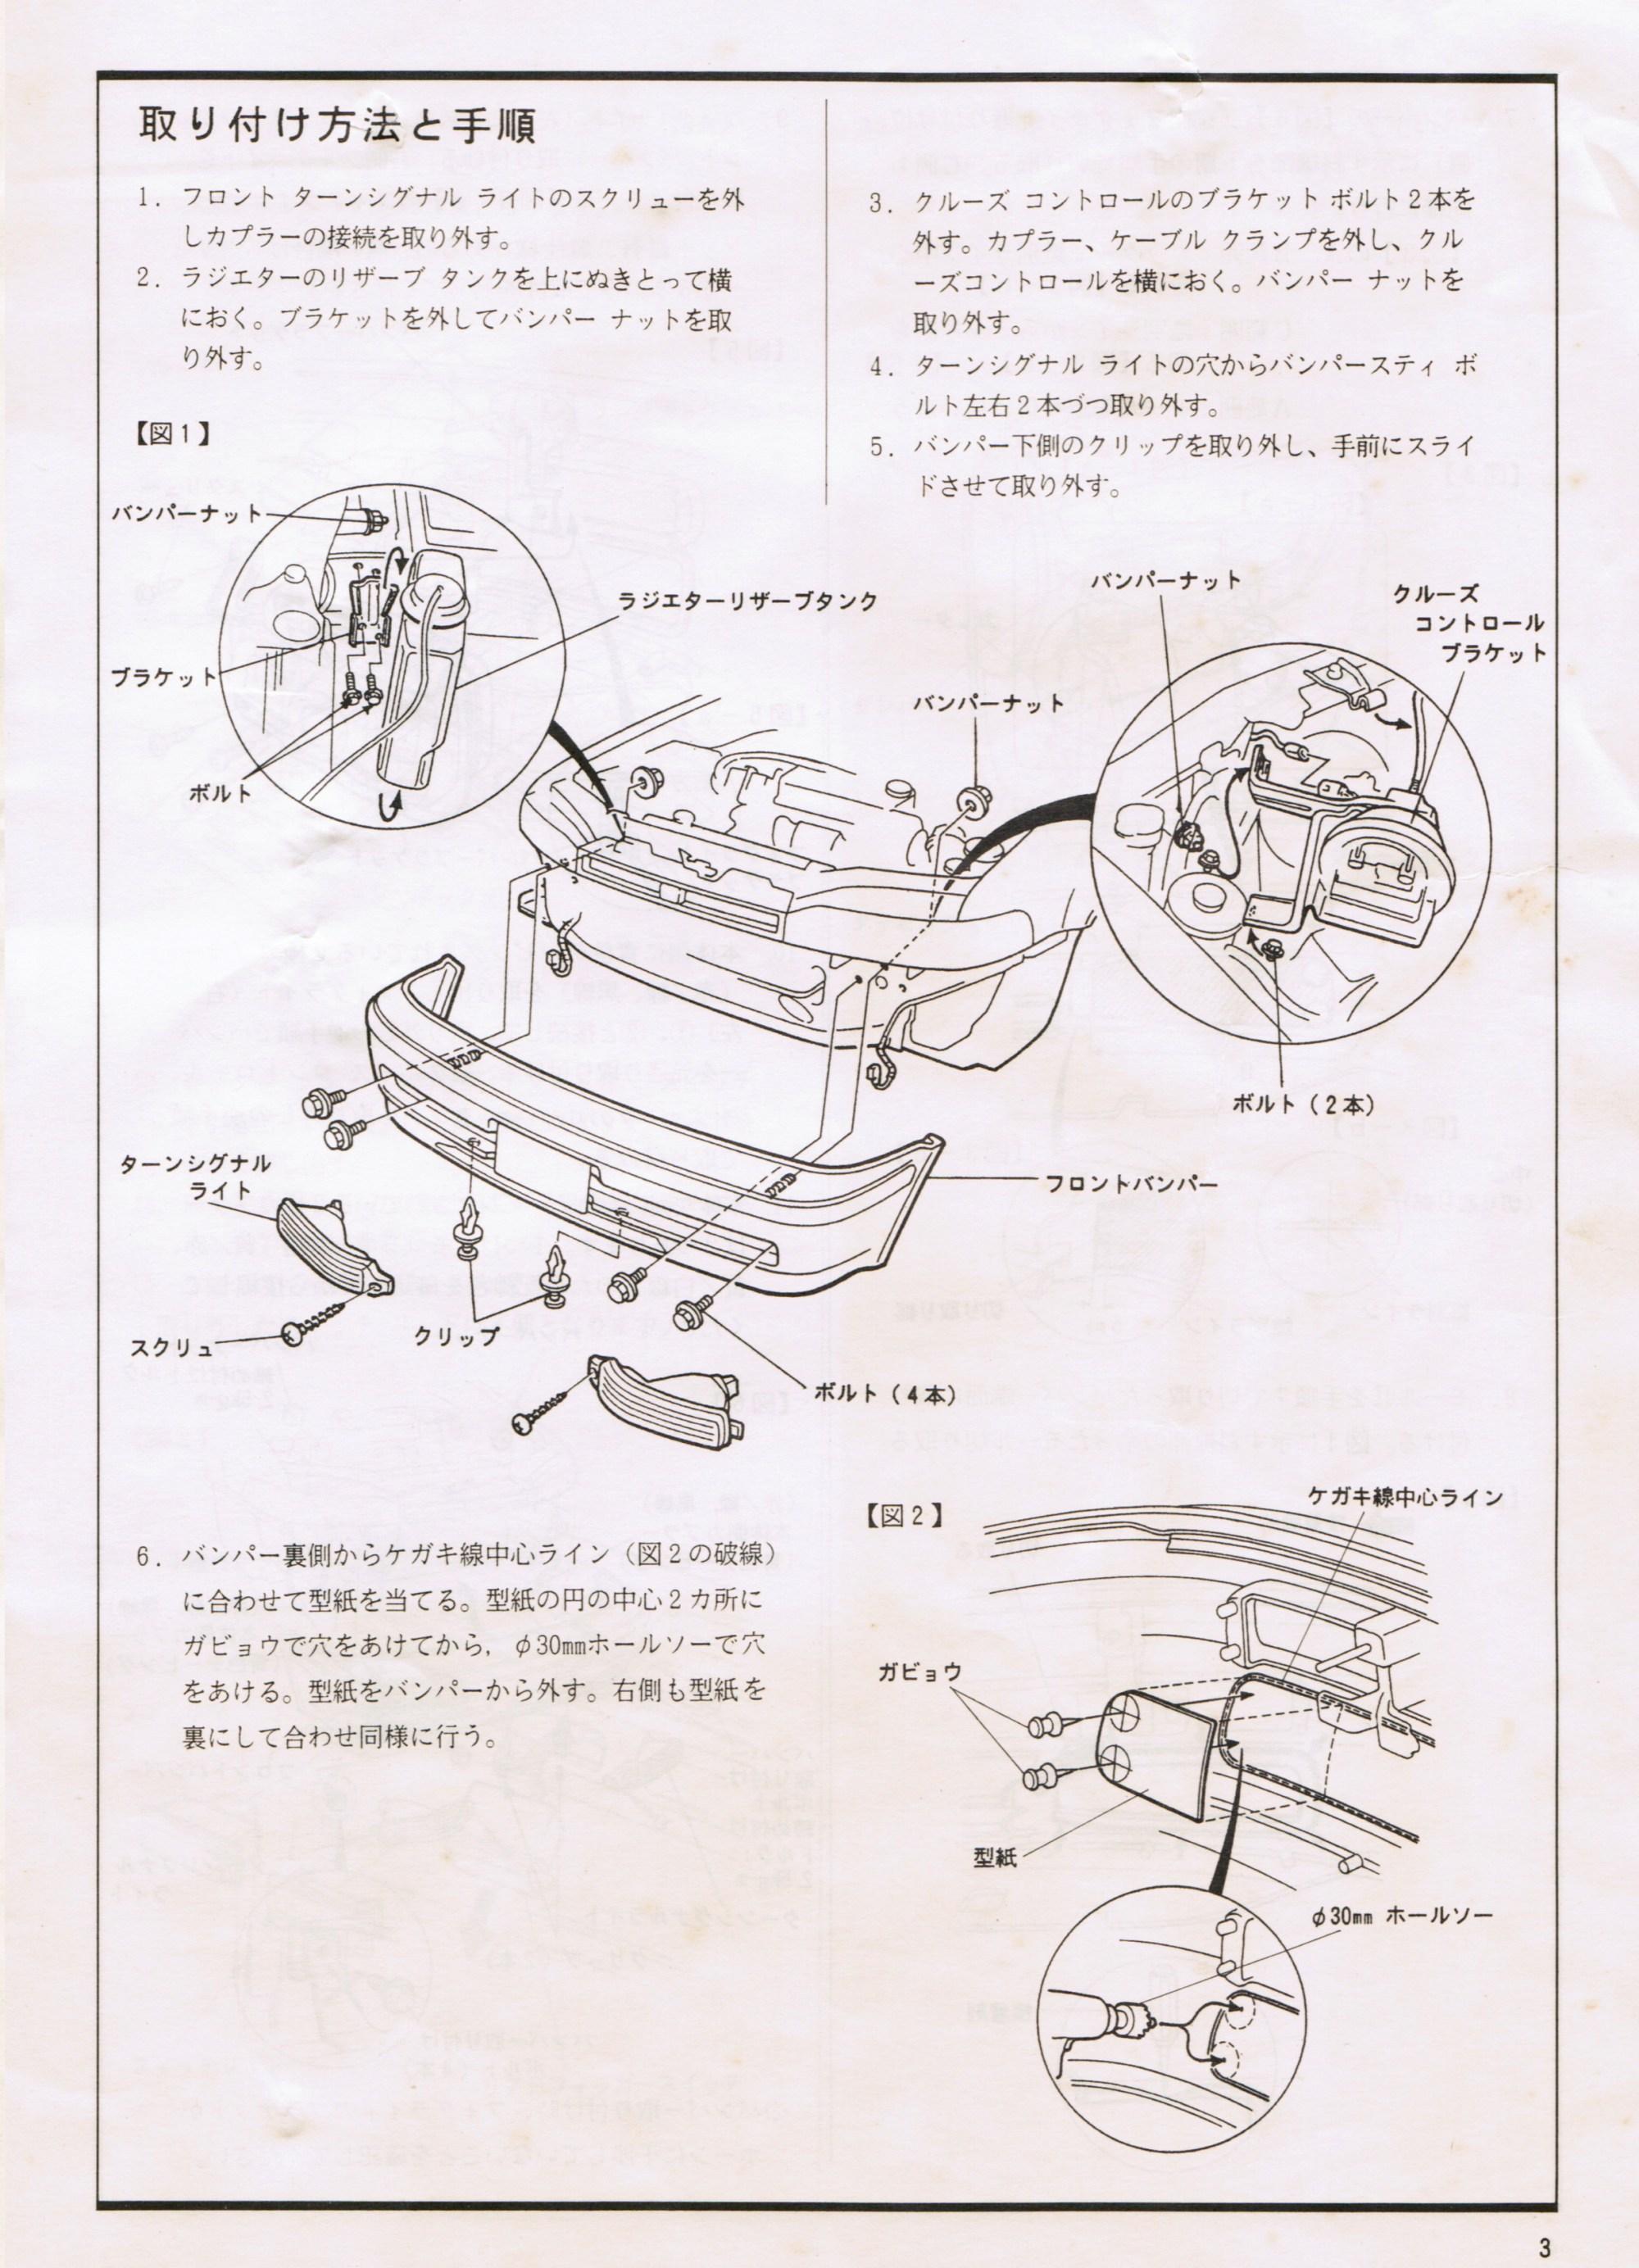 hight resolution of 1992 1993 honda genuine accessories honda access fog light installation instructions